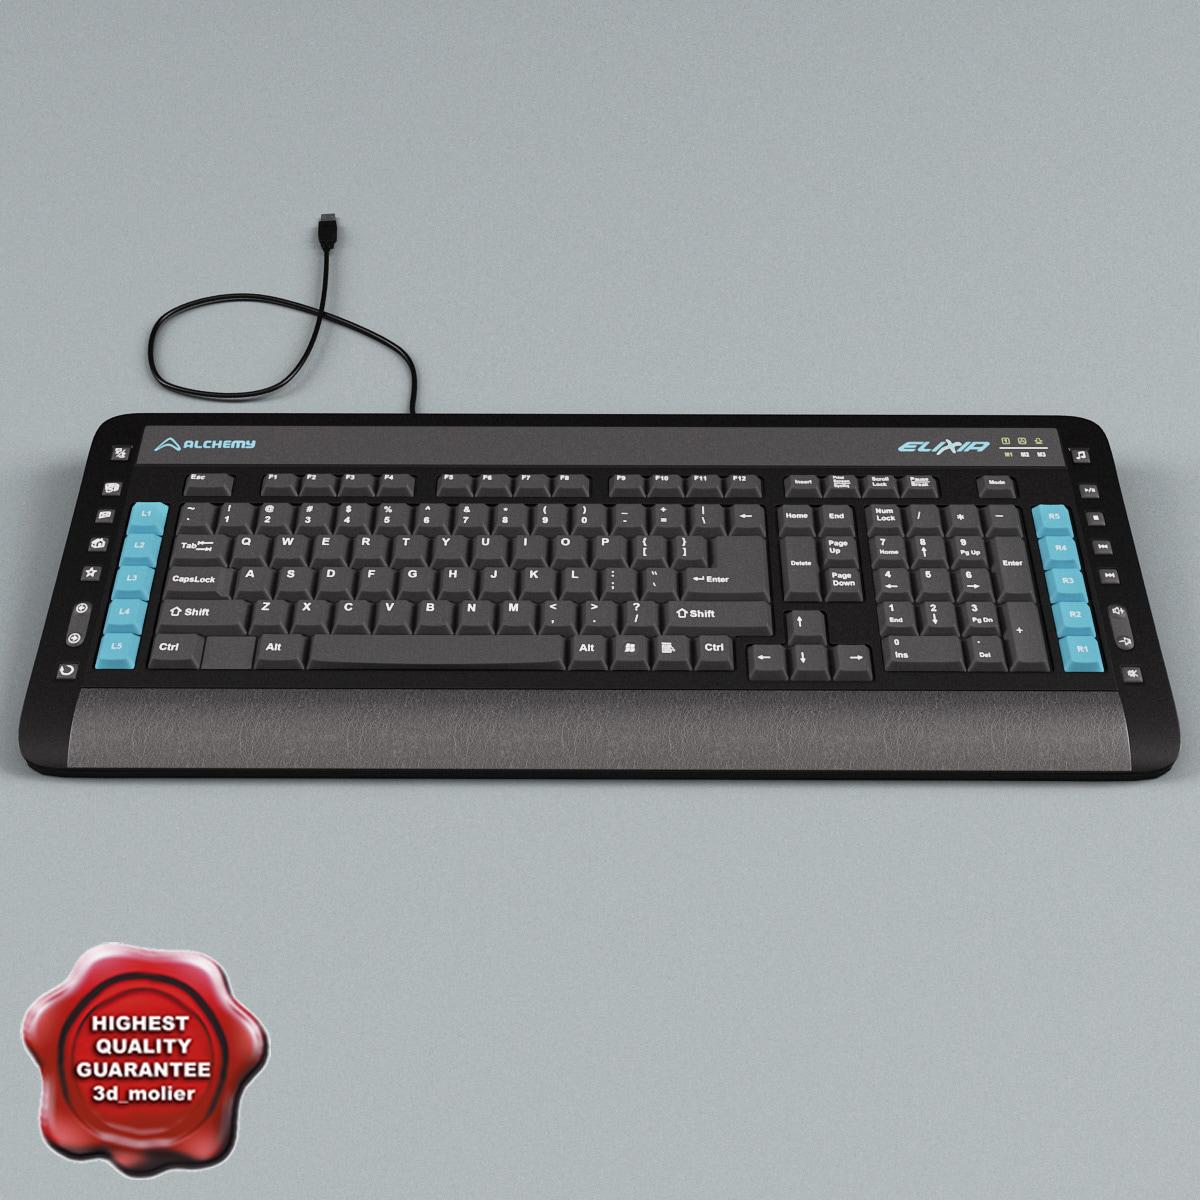 ocz alchemy keyboard max